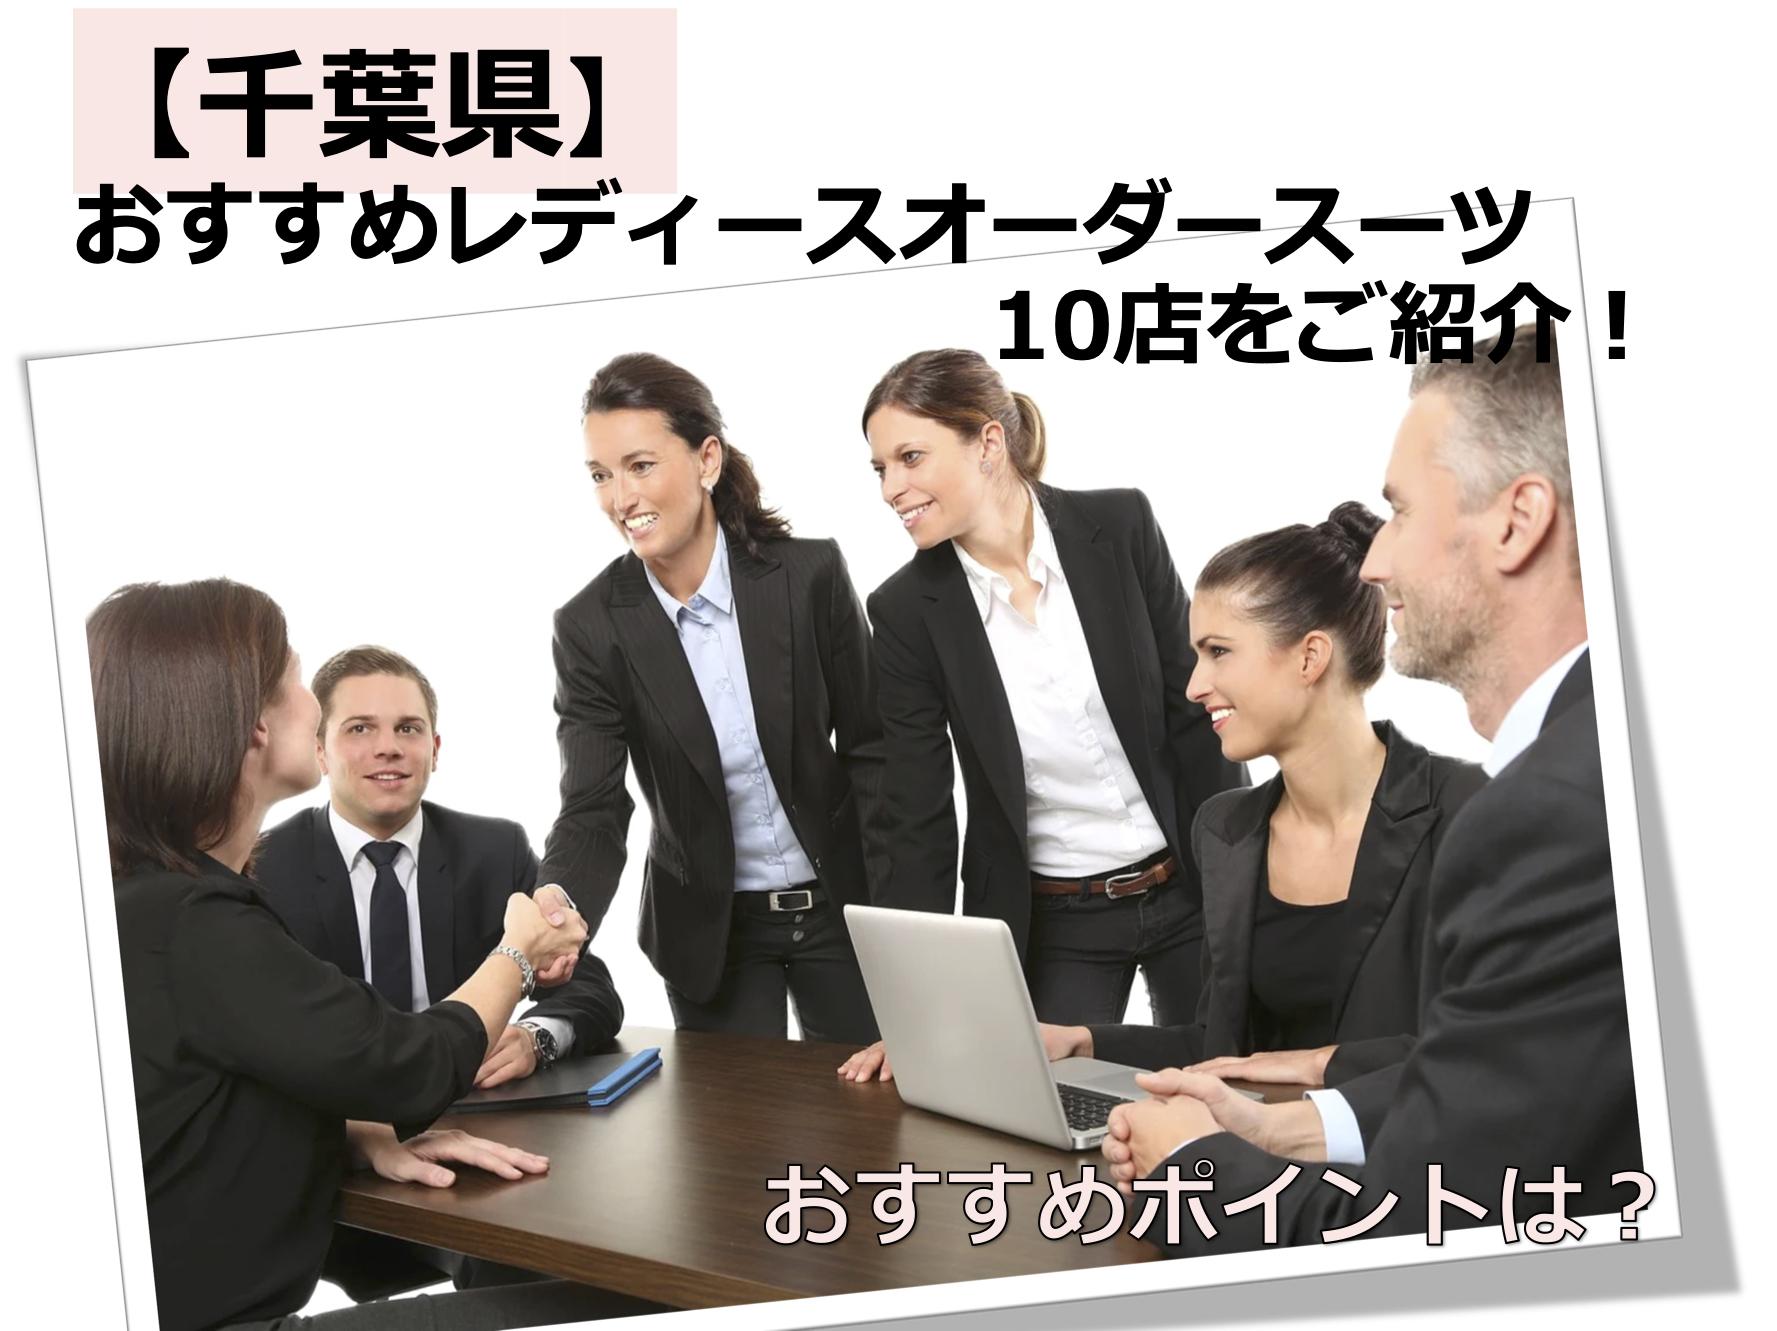 【千葉】人気のレディースオーダースーツ店10選!おすすめポイントを詳しく紹介! アイキャッチ画像